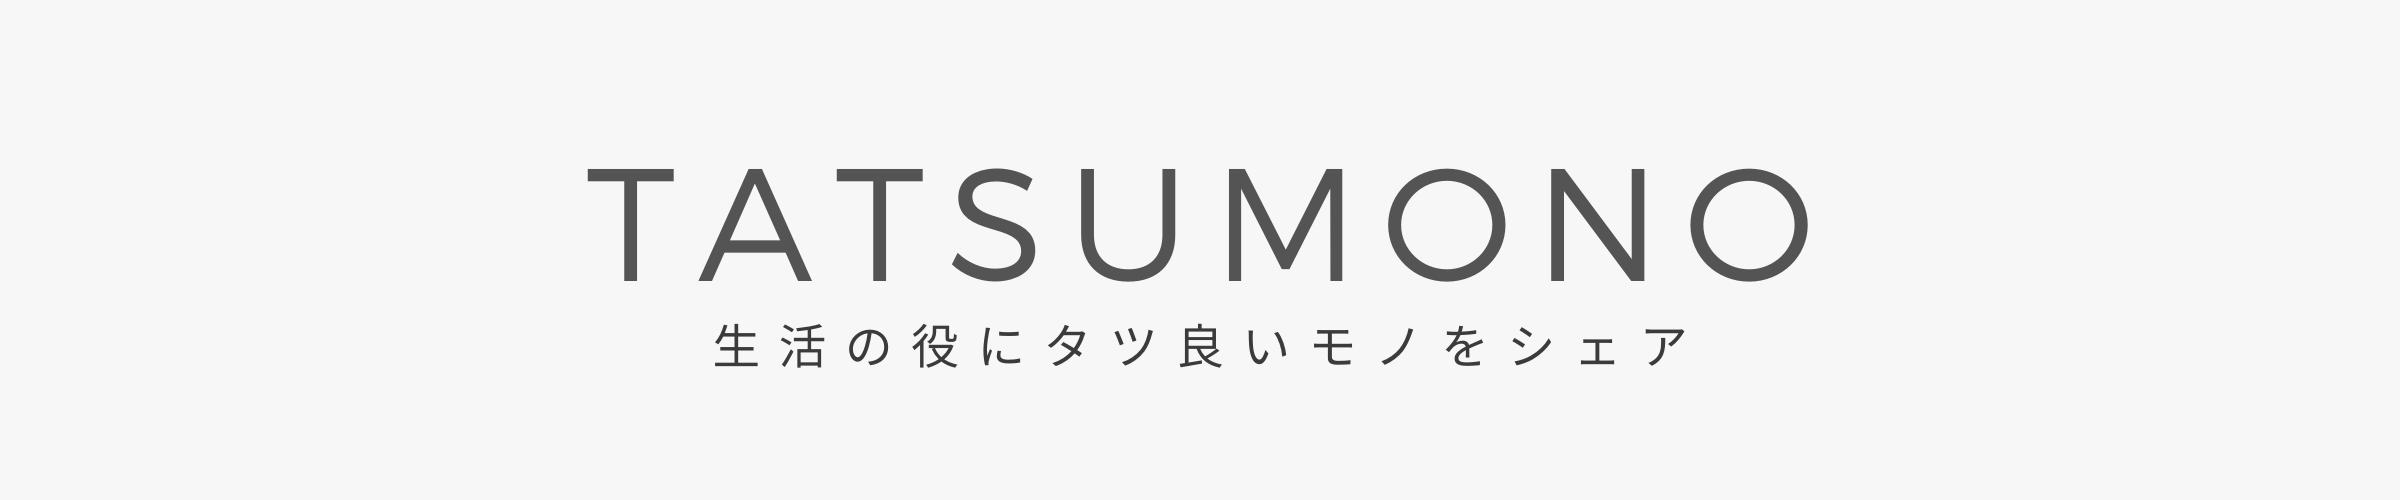 TATSUMONO-タツモノ-